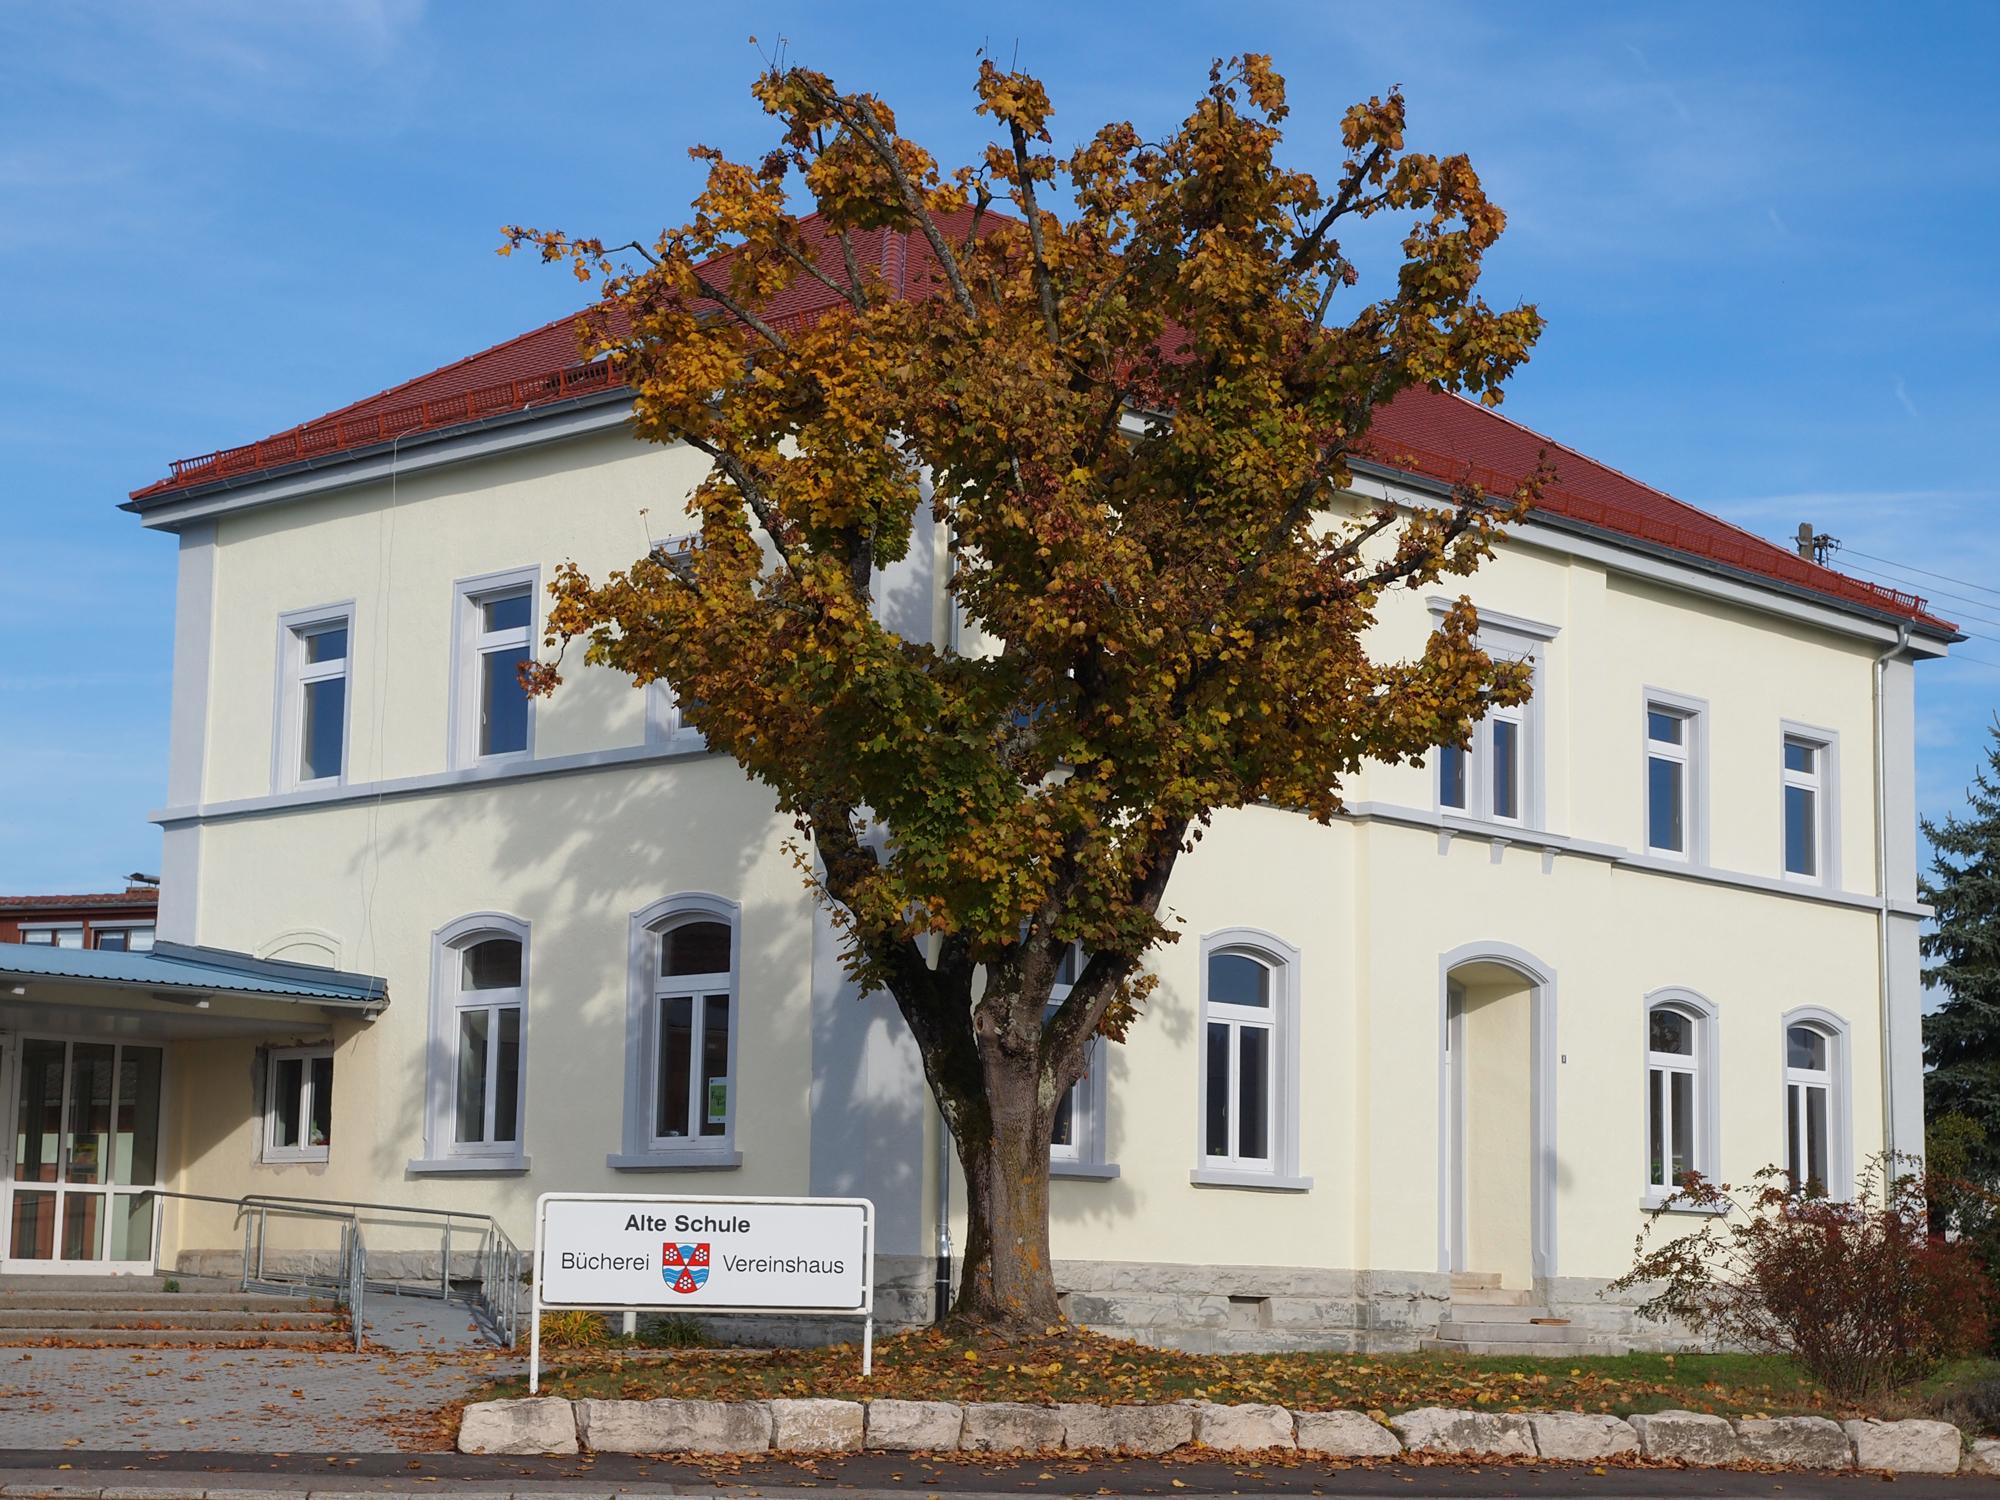 Alte_Schule